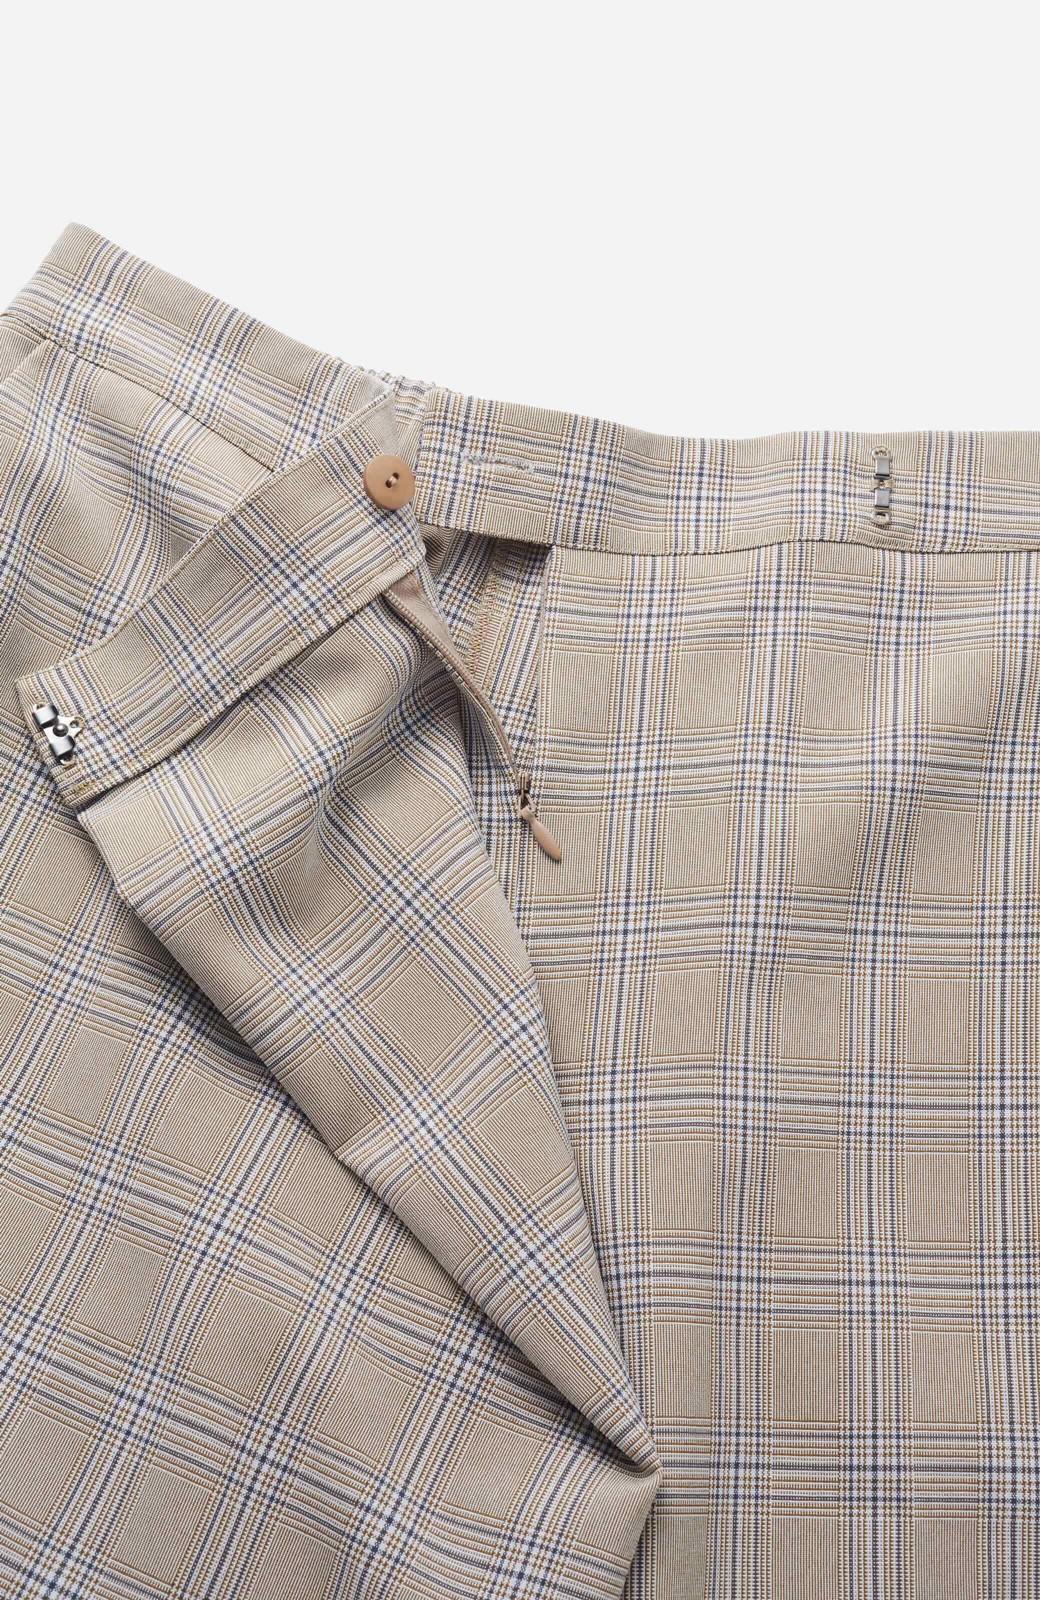 haco! 動きやすいのにちゃんと女子見え スカートみたいな華やかチェックパンツ <ブラウン系その他>の商品写真3